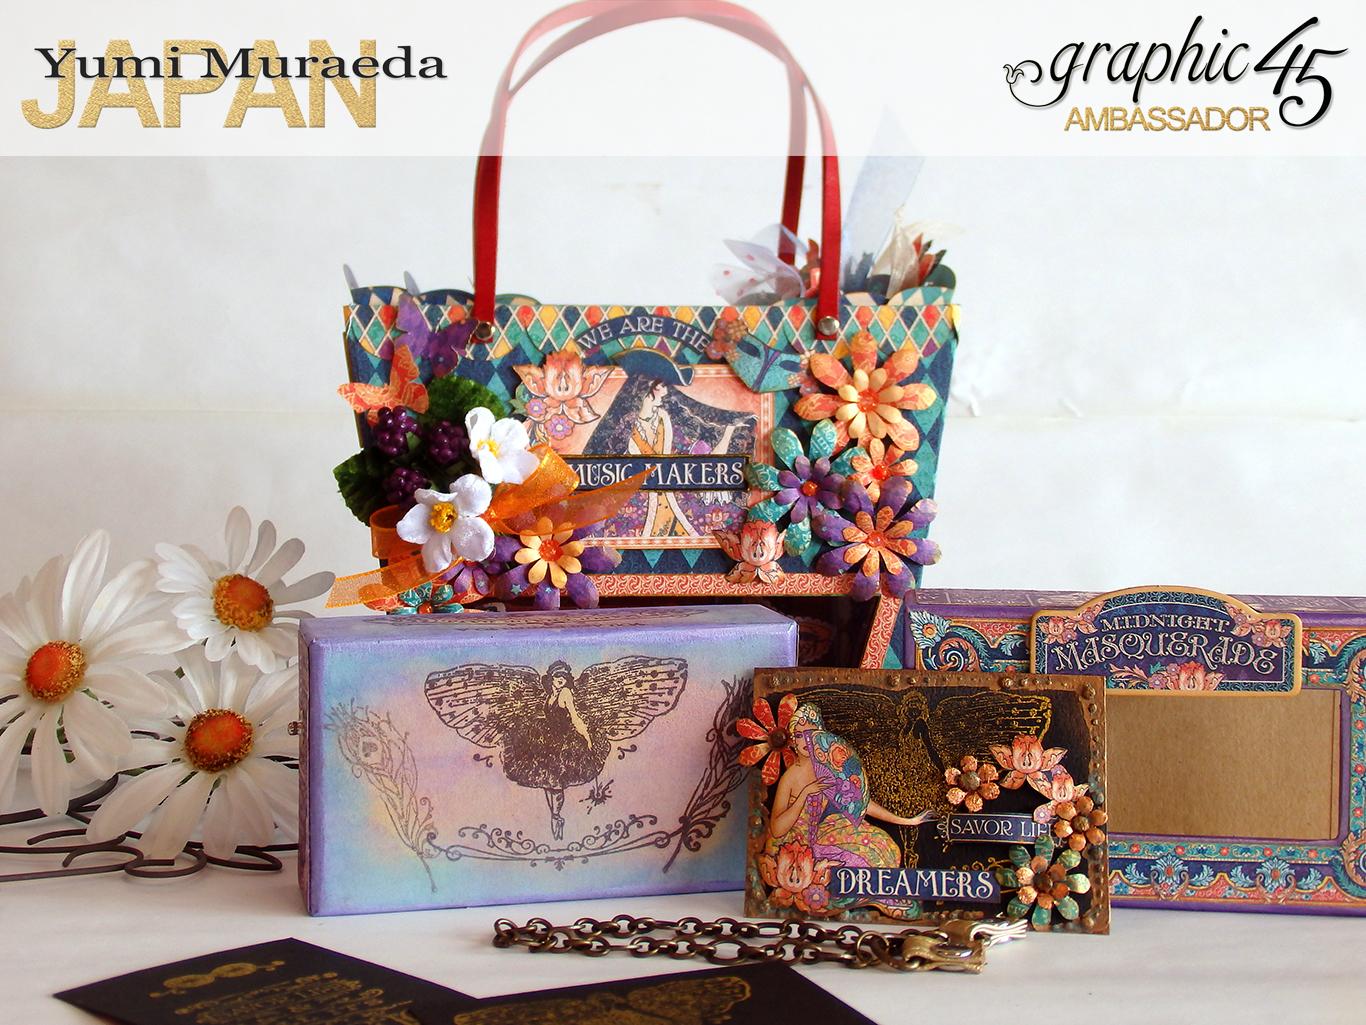 14ATCcasewithshopwindowbagdesignbyYumiMuraedaProducebyGraphic45.jpg